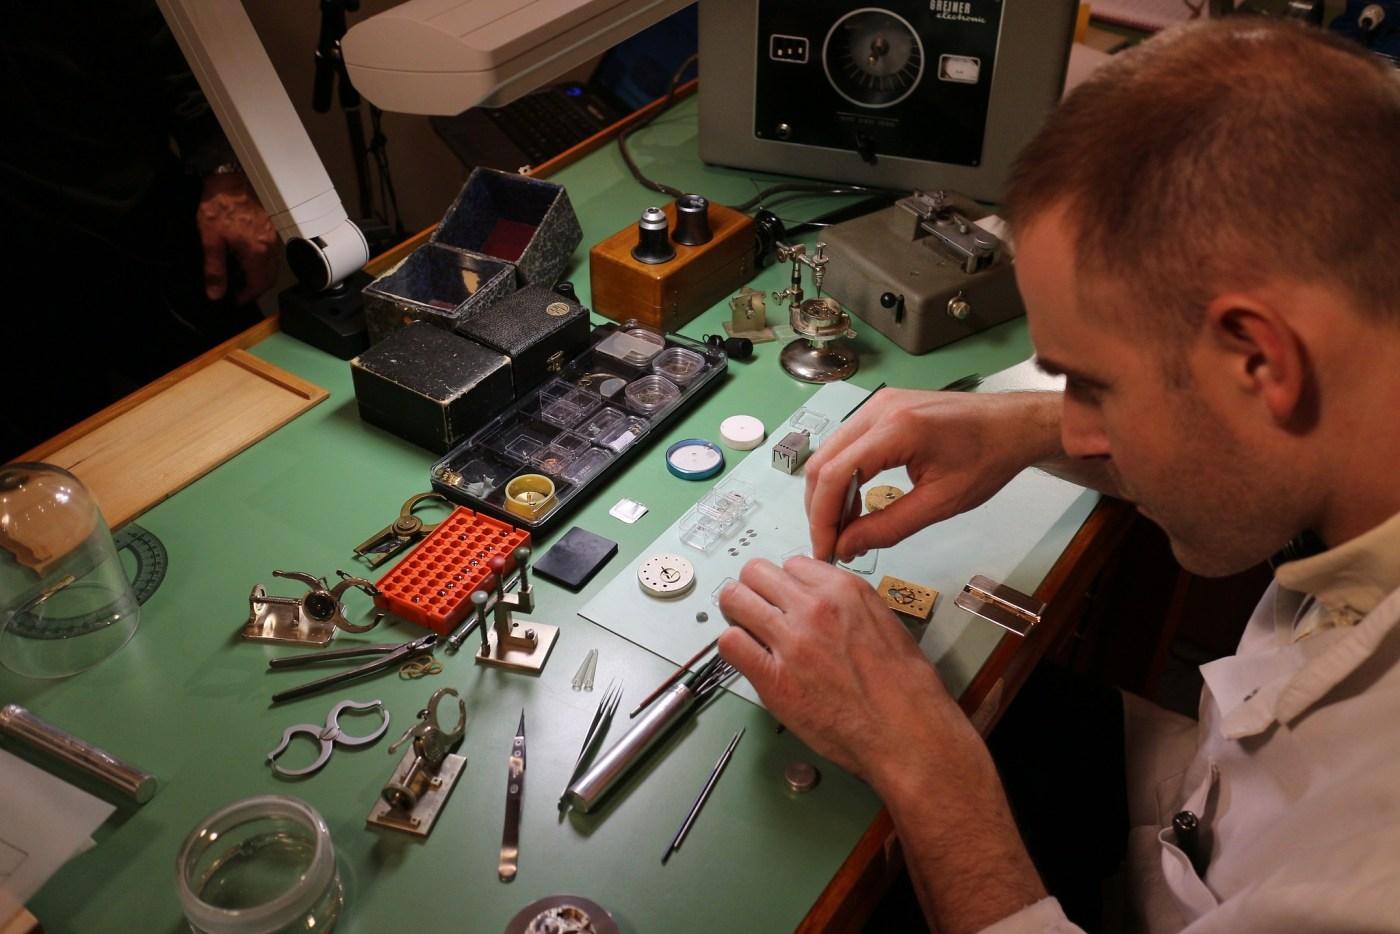 watchmaker assembling a watch